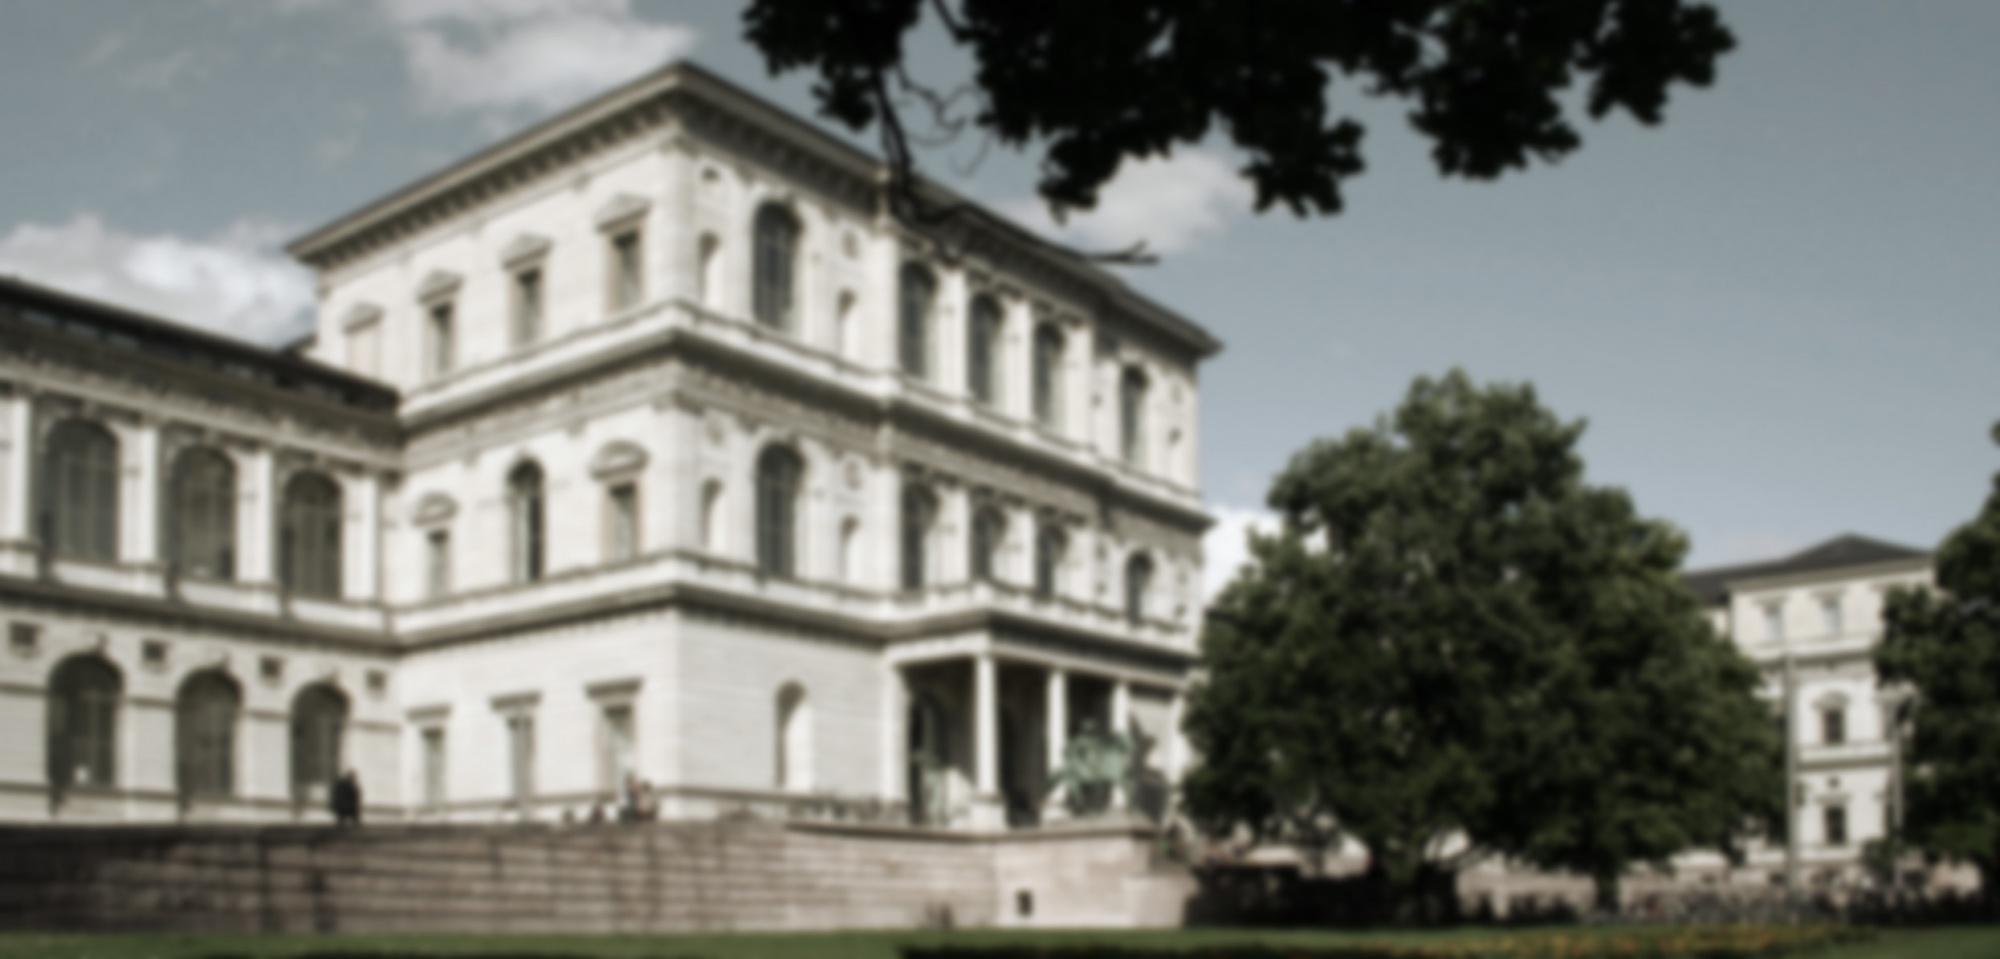 Willkommen beim bdia Bayern - bund deutscher innenarchitekten bdia